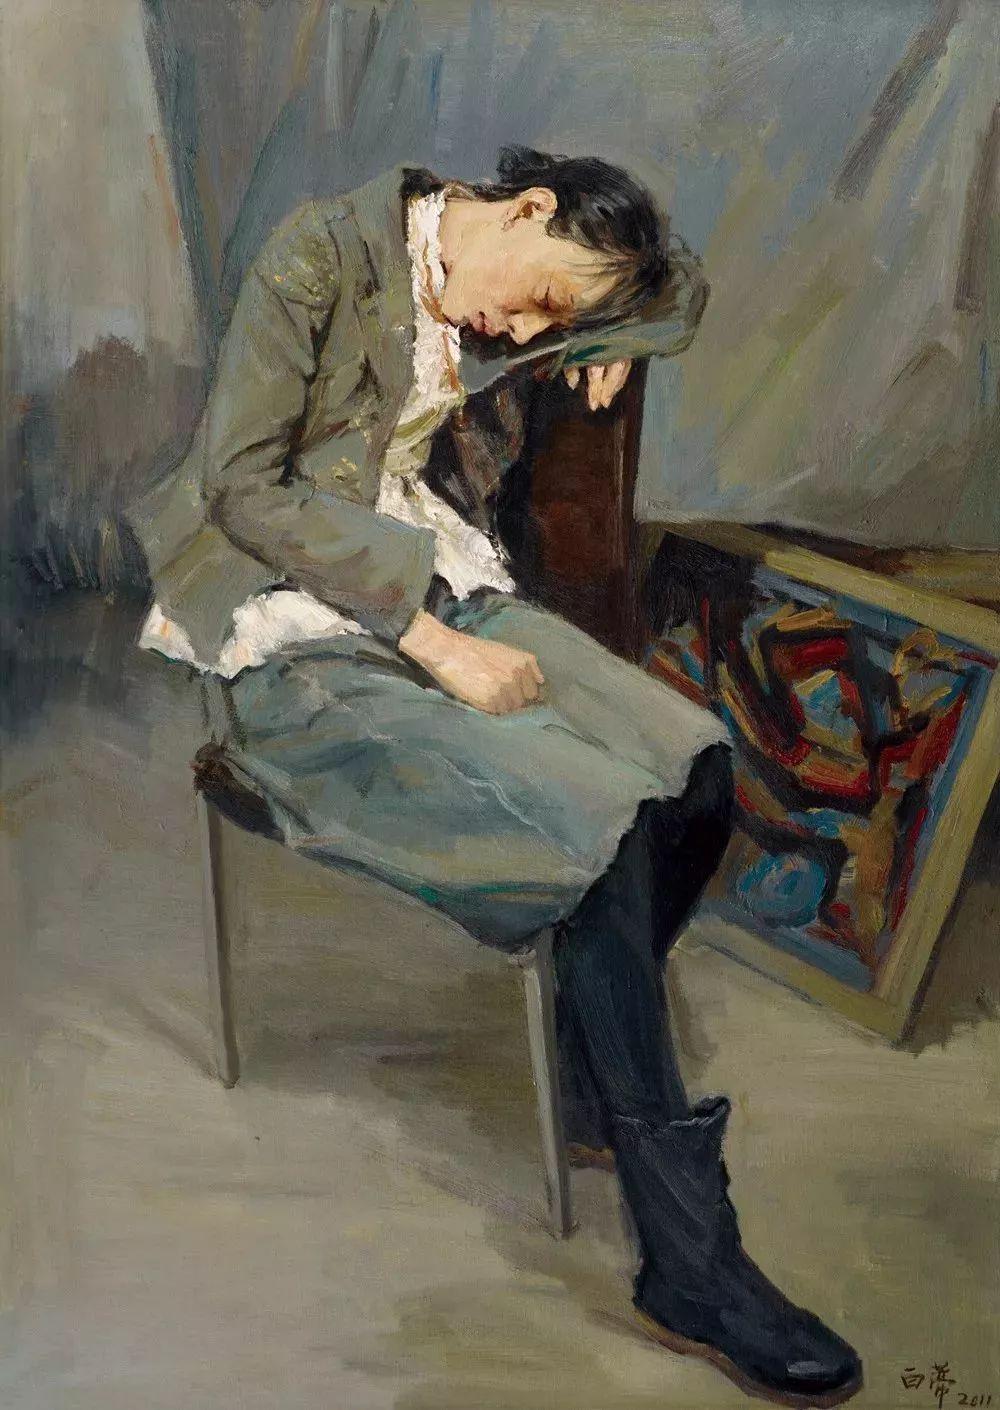 很难想到这作品出自一位清瘦高挑的美女艺术家之手插图49